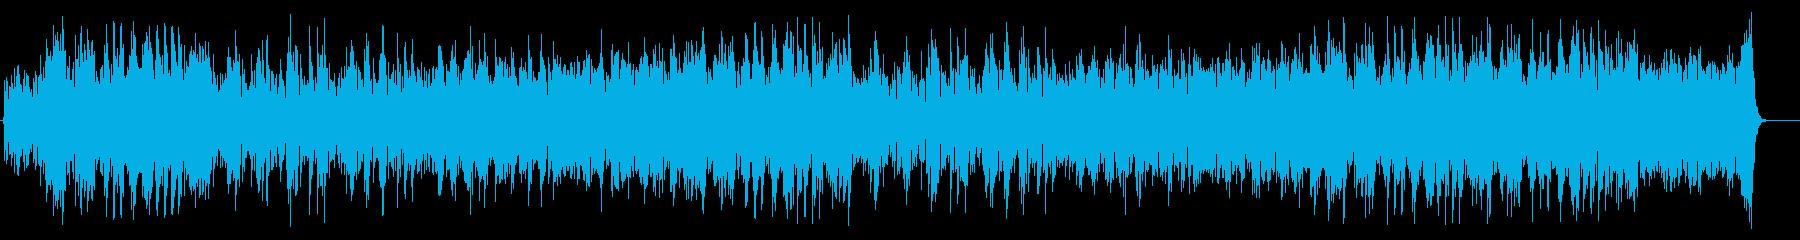 繊細なエンディング向けシリアス・ポップスの再生済みの波形